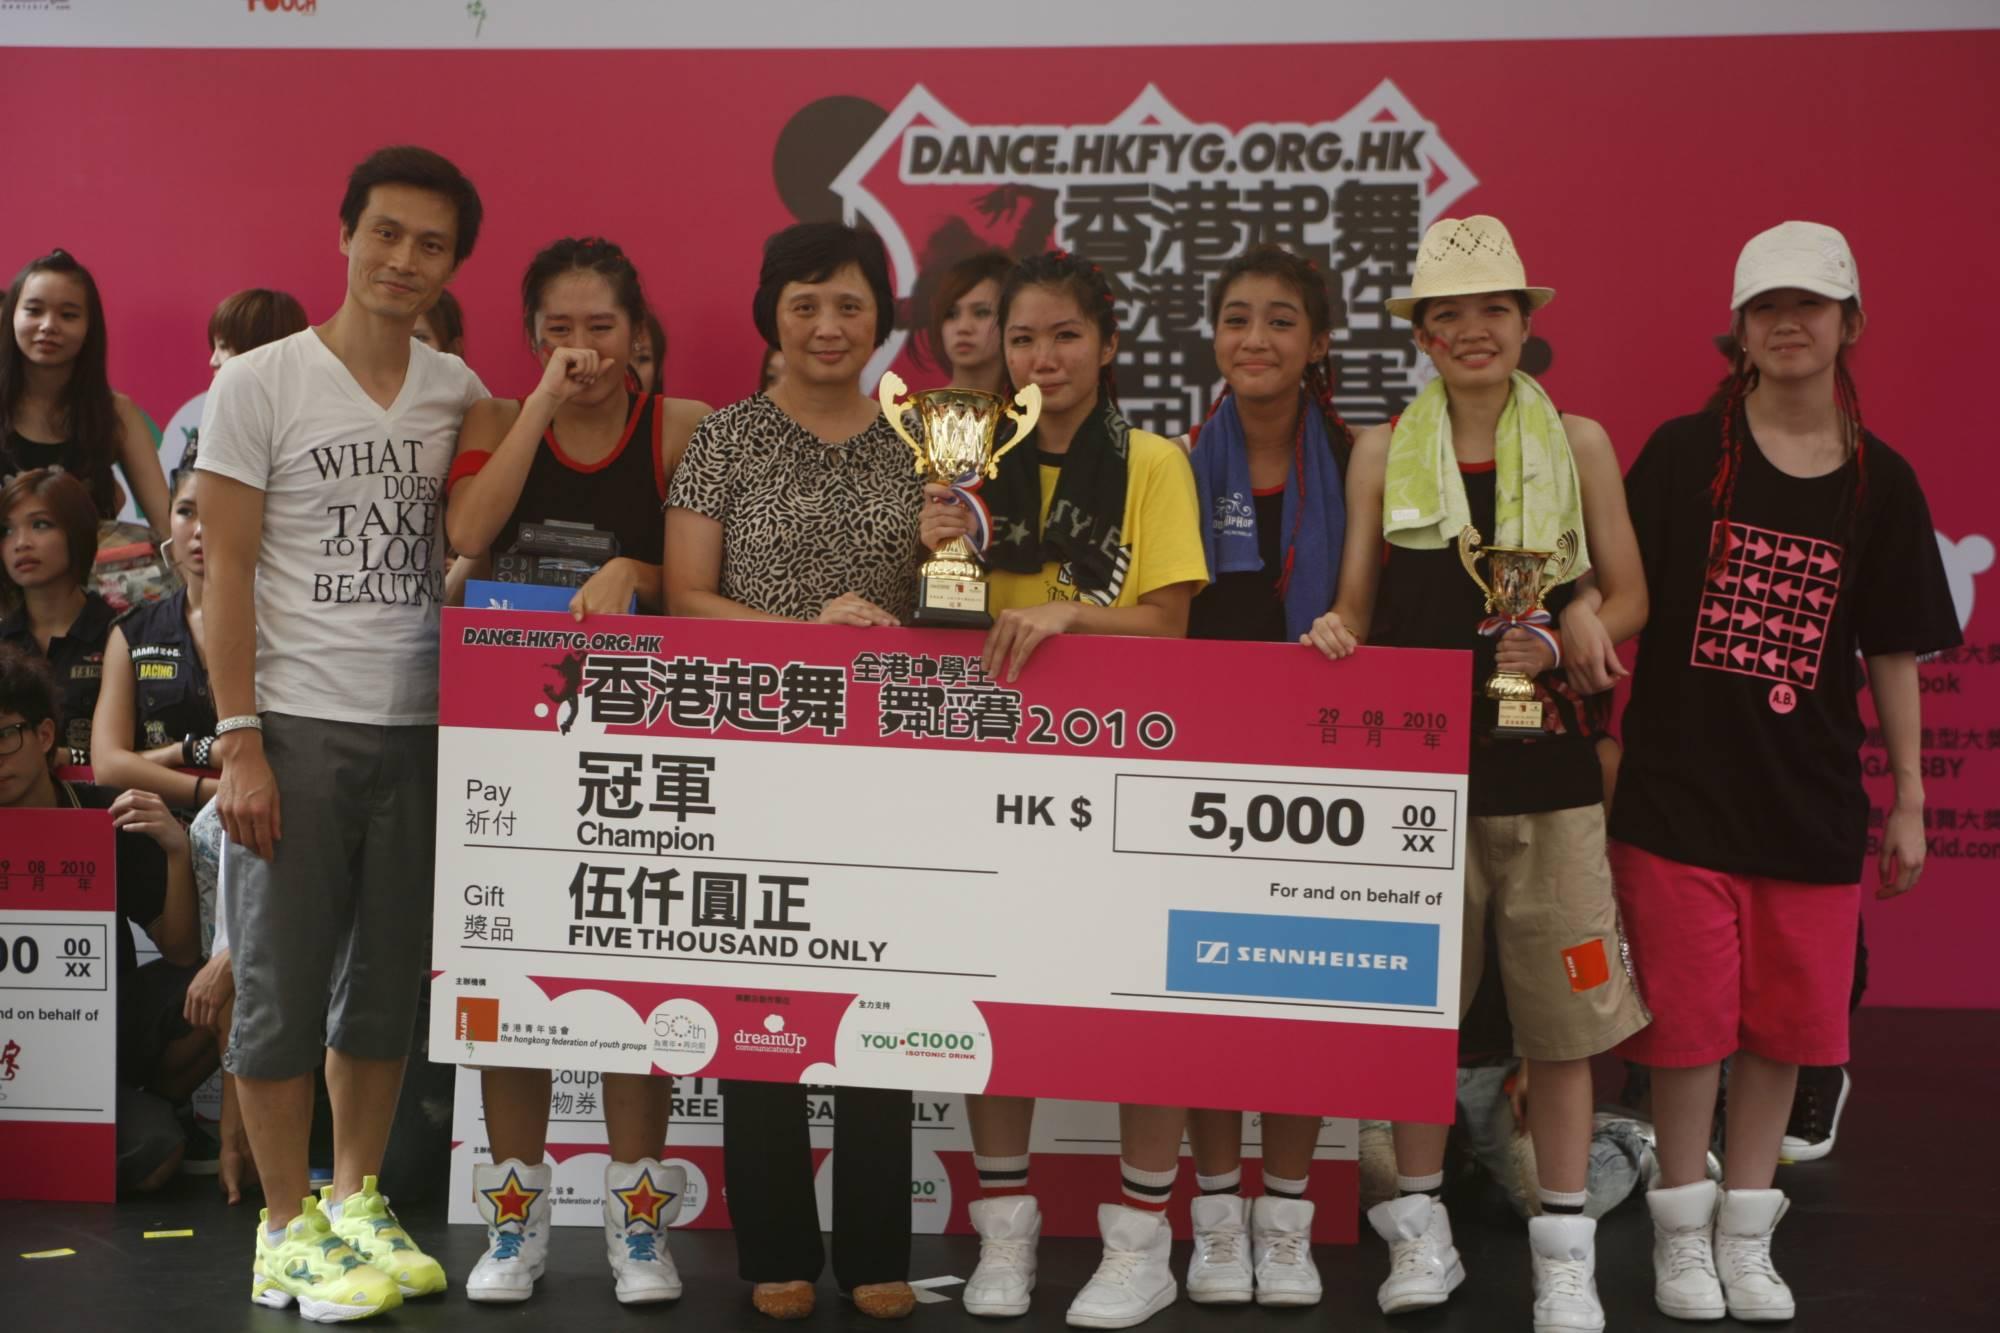 全港中學生舞蹈賽2010得獎隊伍 (5)